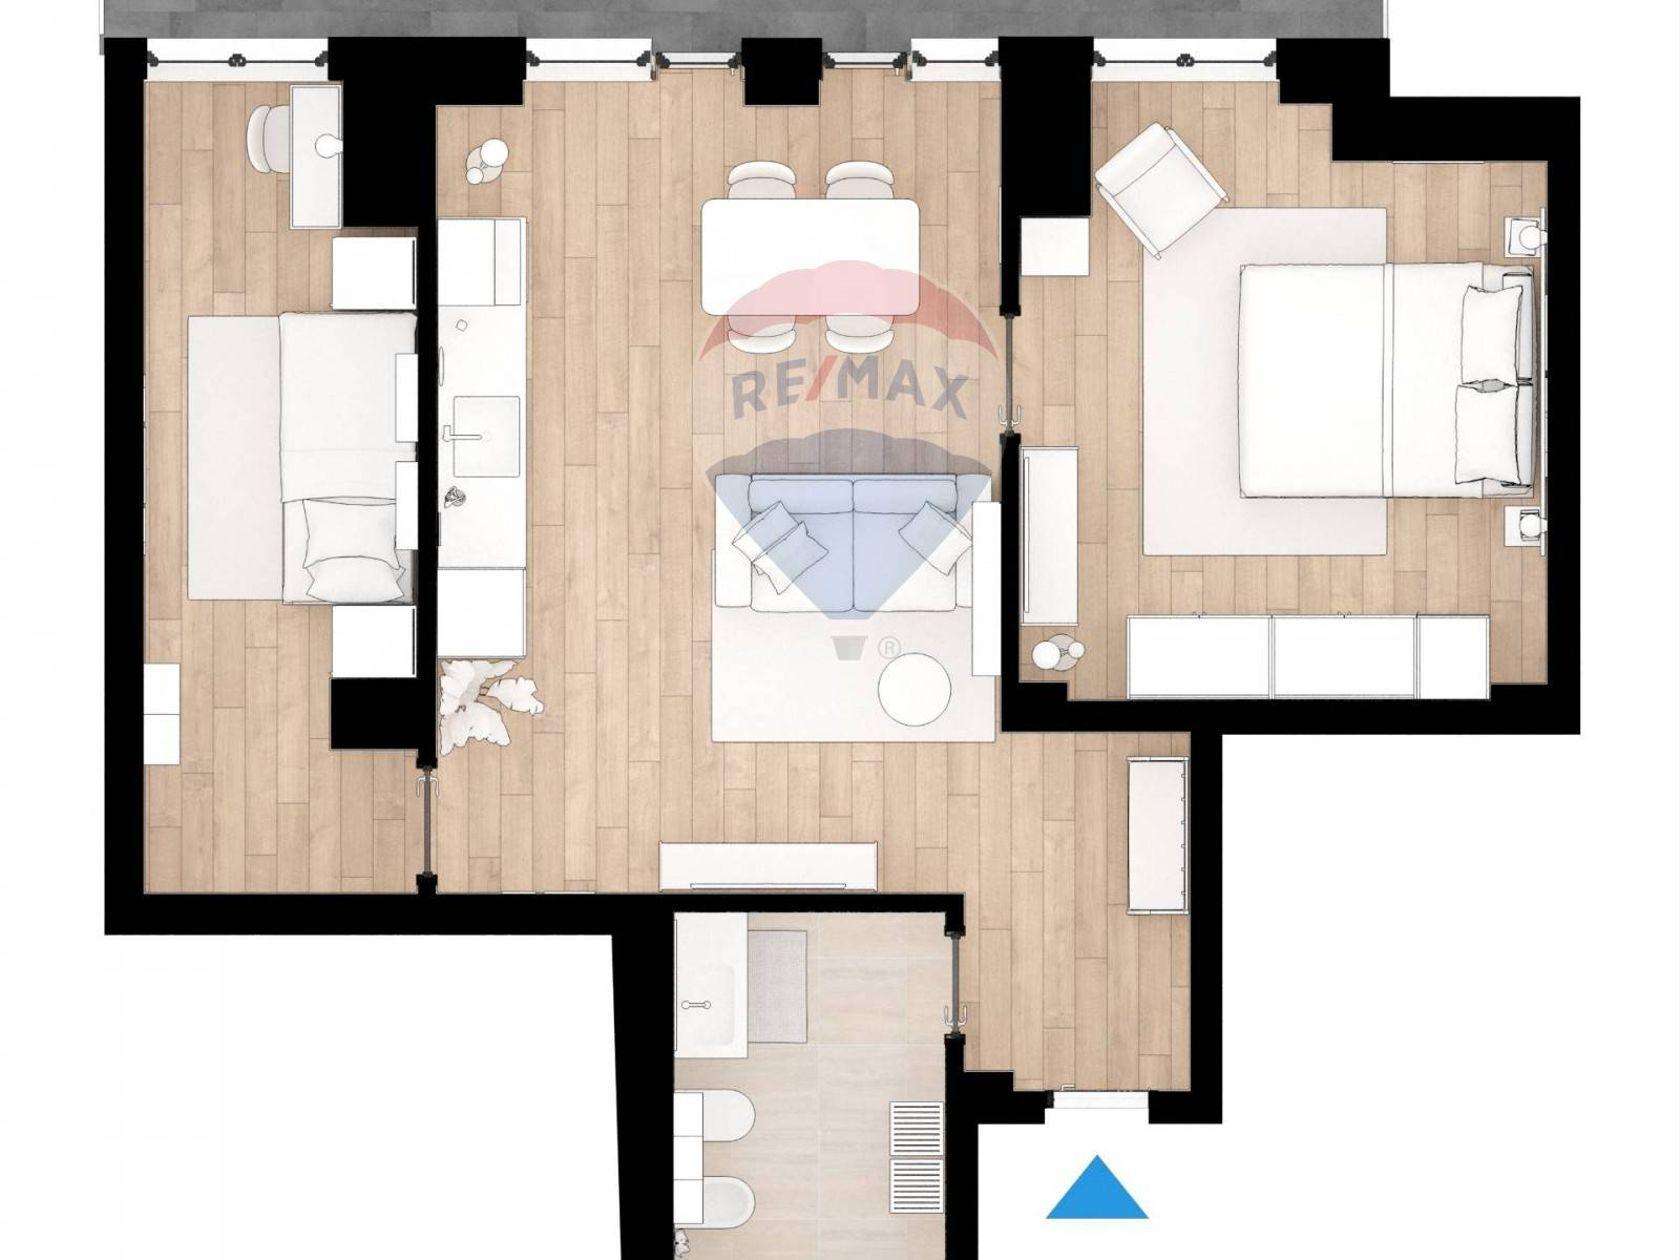 Progetto Appartamento 85 Mq appartamento in vendita roma 20201008-123 | re/max italia